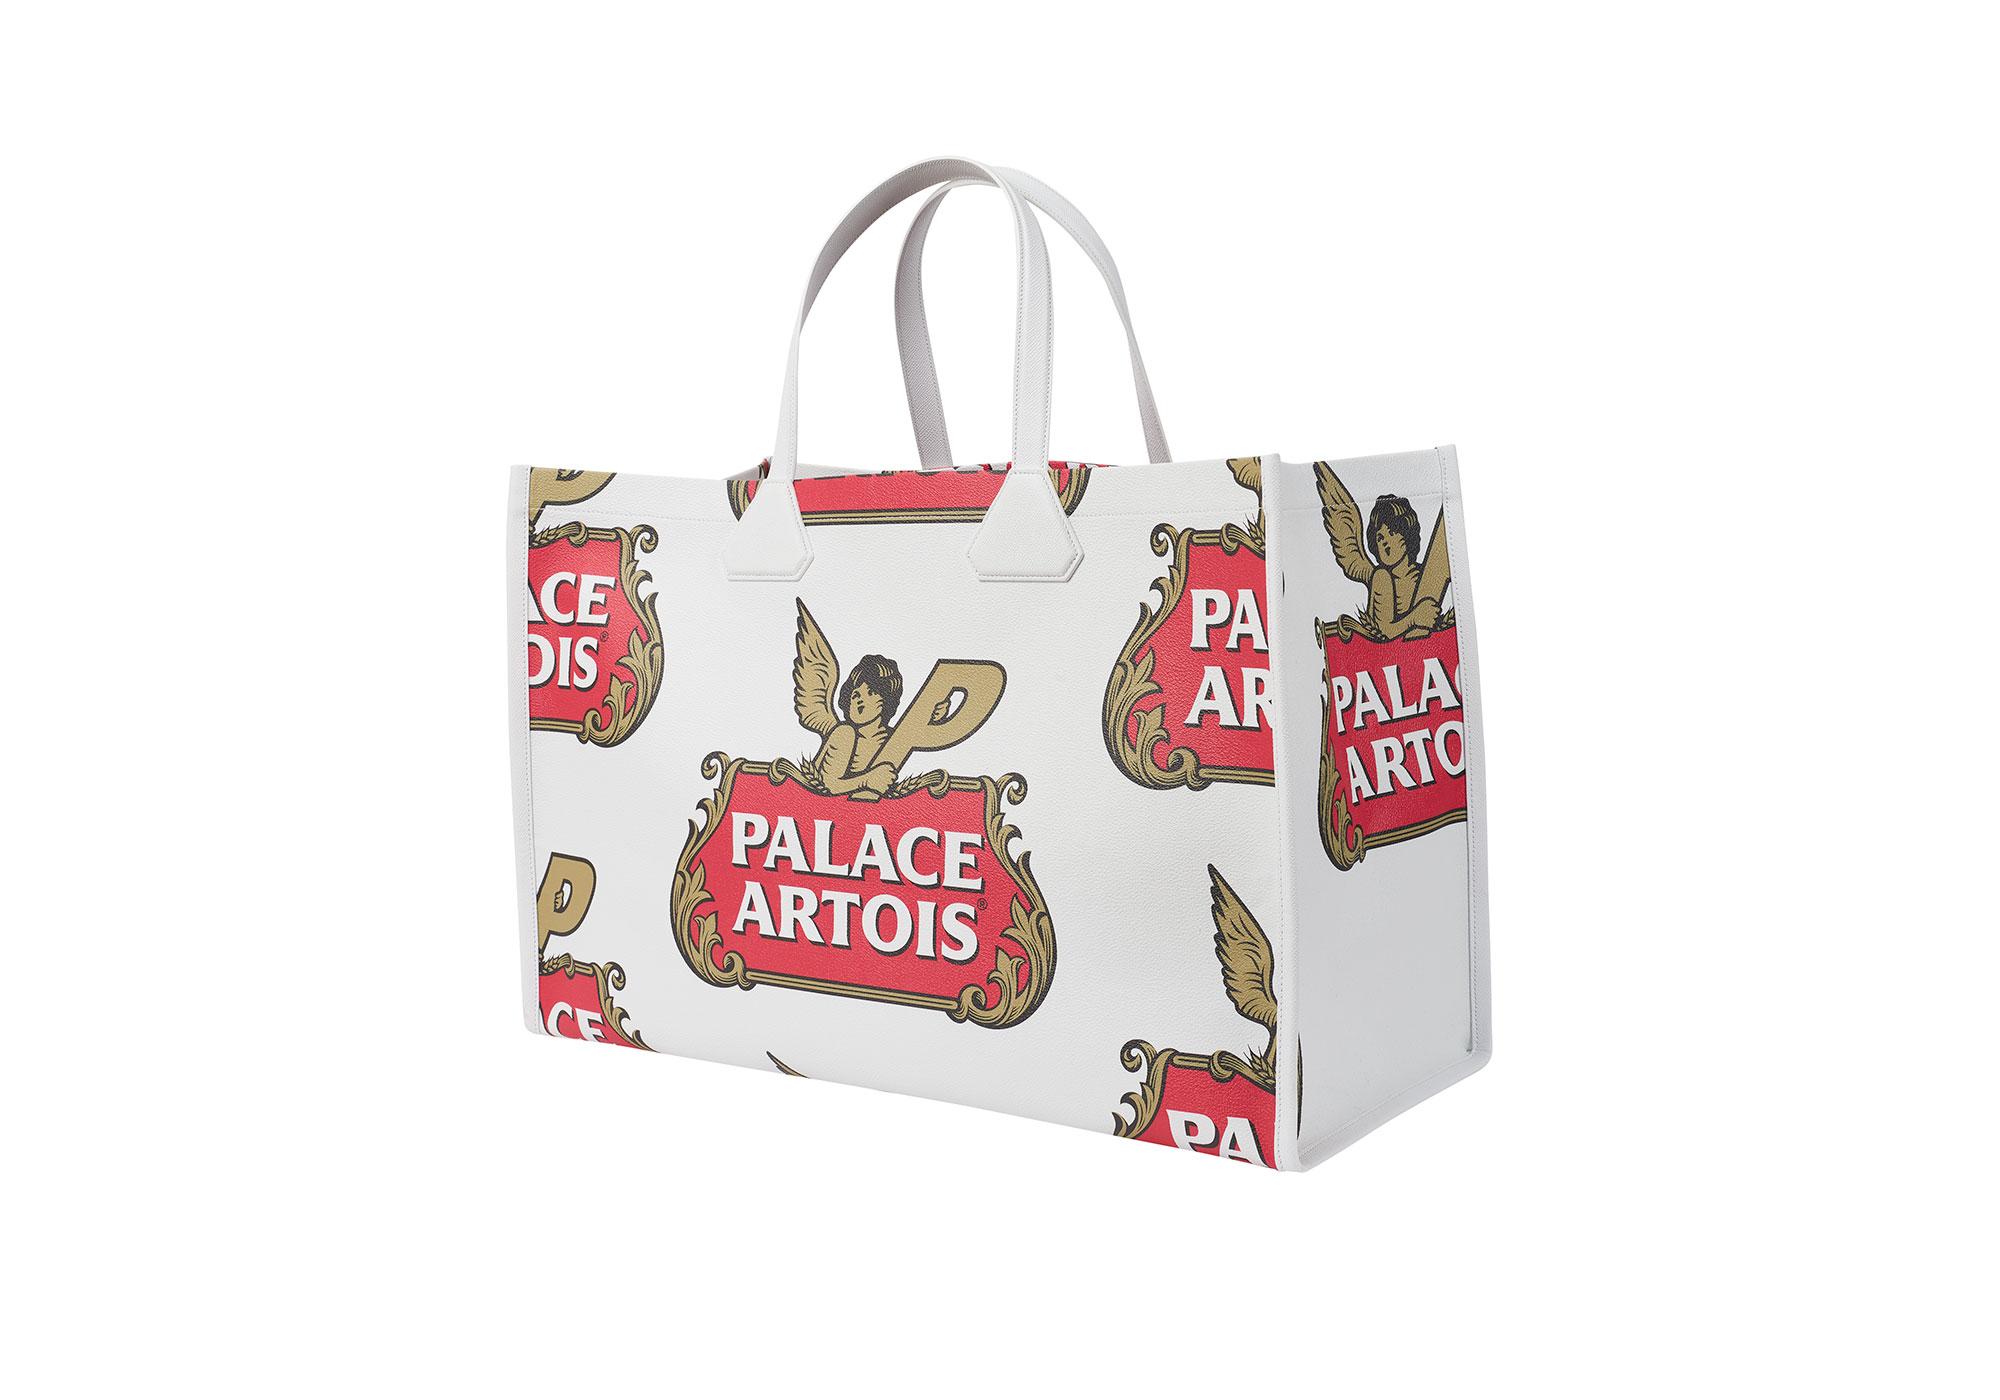 Stella Artois x PALACE